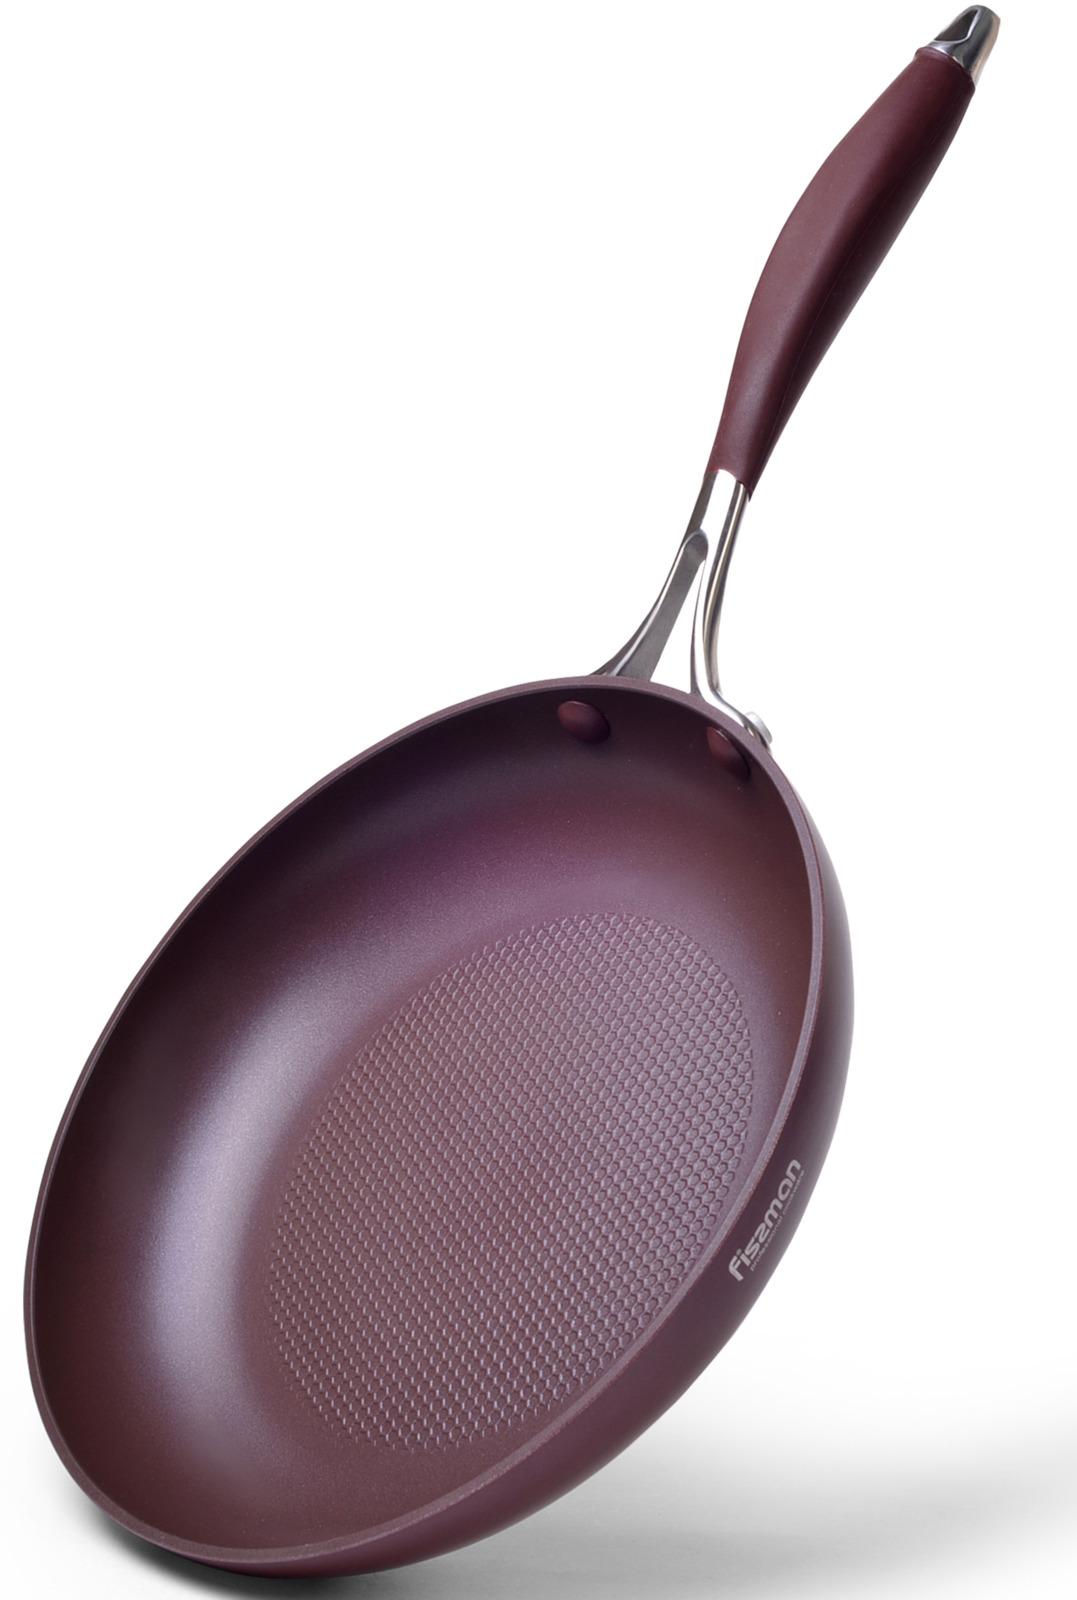 Сковорода Fissman Aventurine, с антипригарным покрытием. Диаметр 28 см сковорода fissman prestige с антипригарным покрытием диаметр 26 см